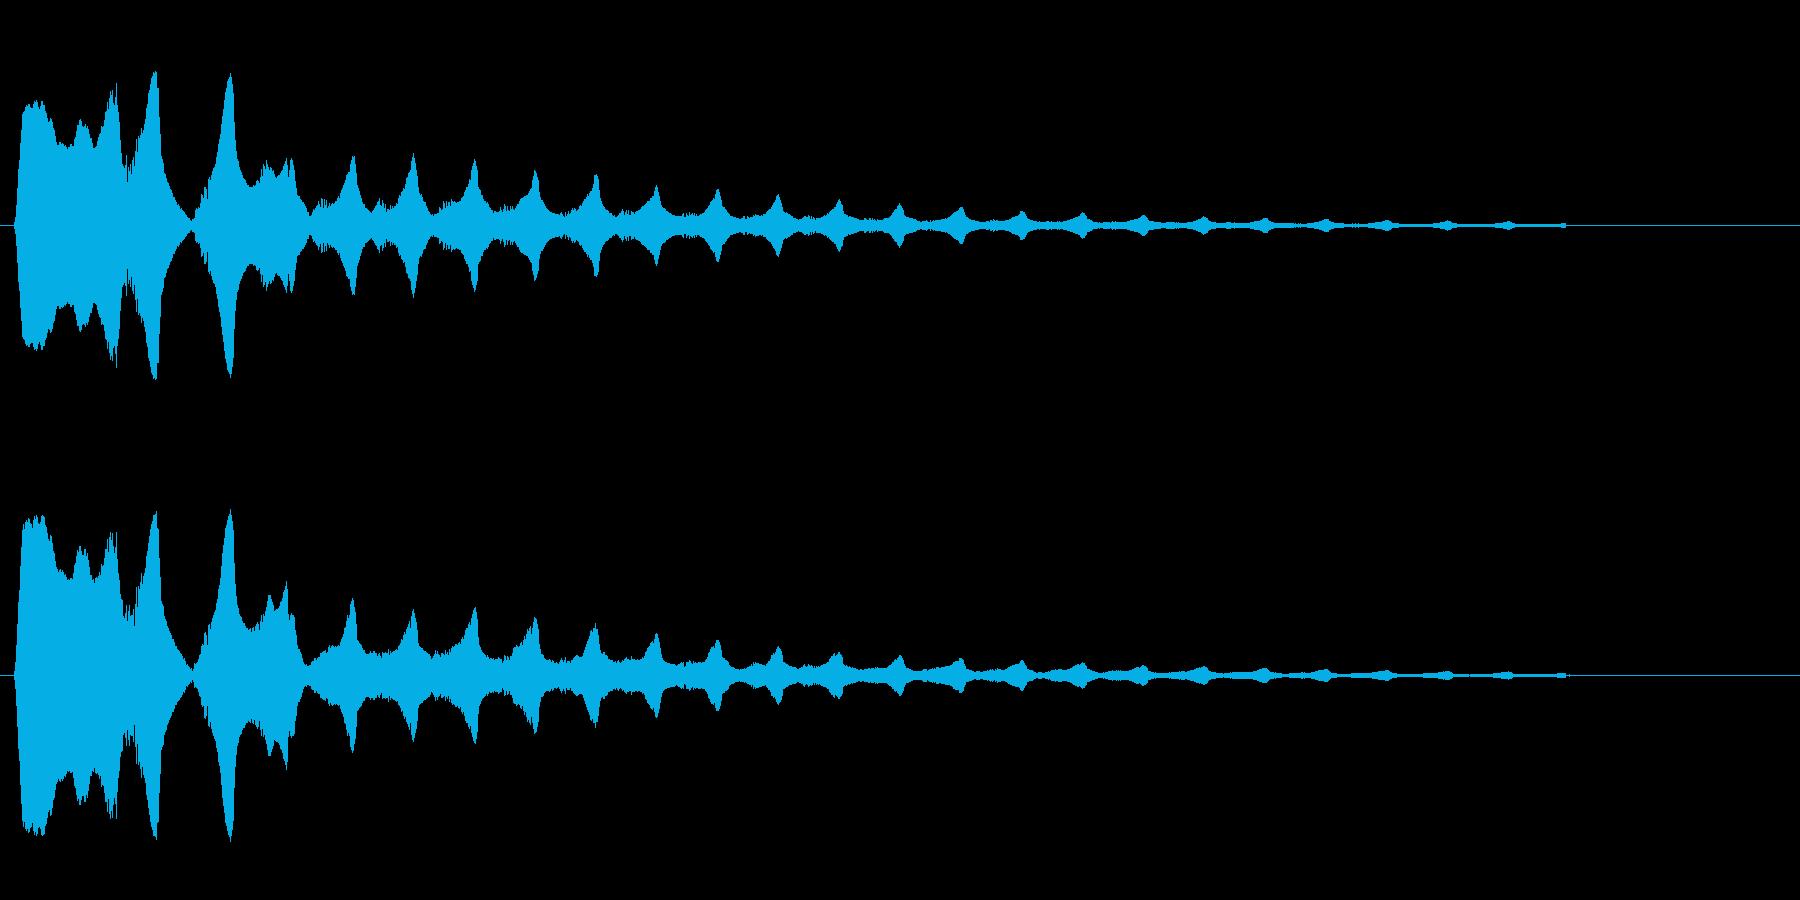 キラーン(金属系音)高音の再生済みの波形